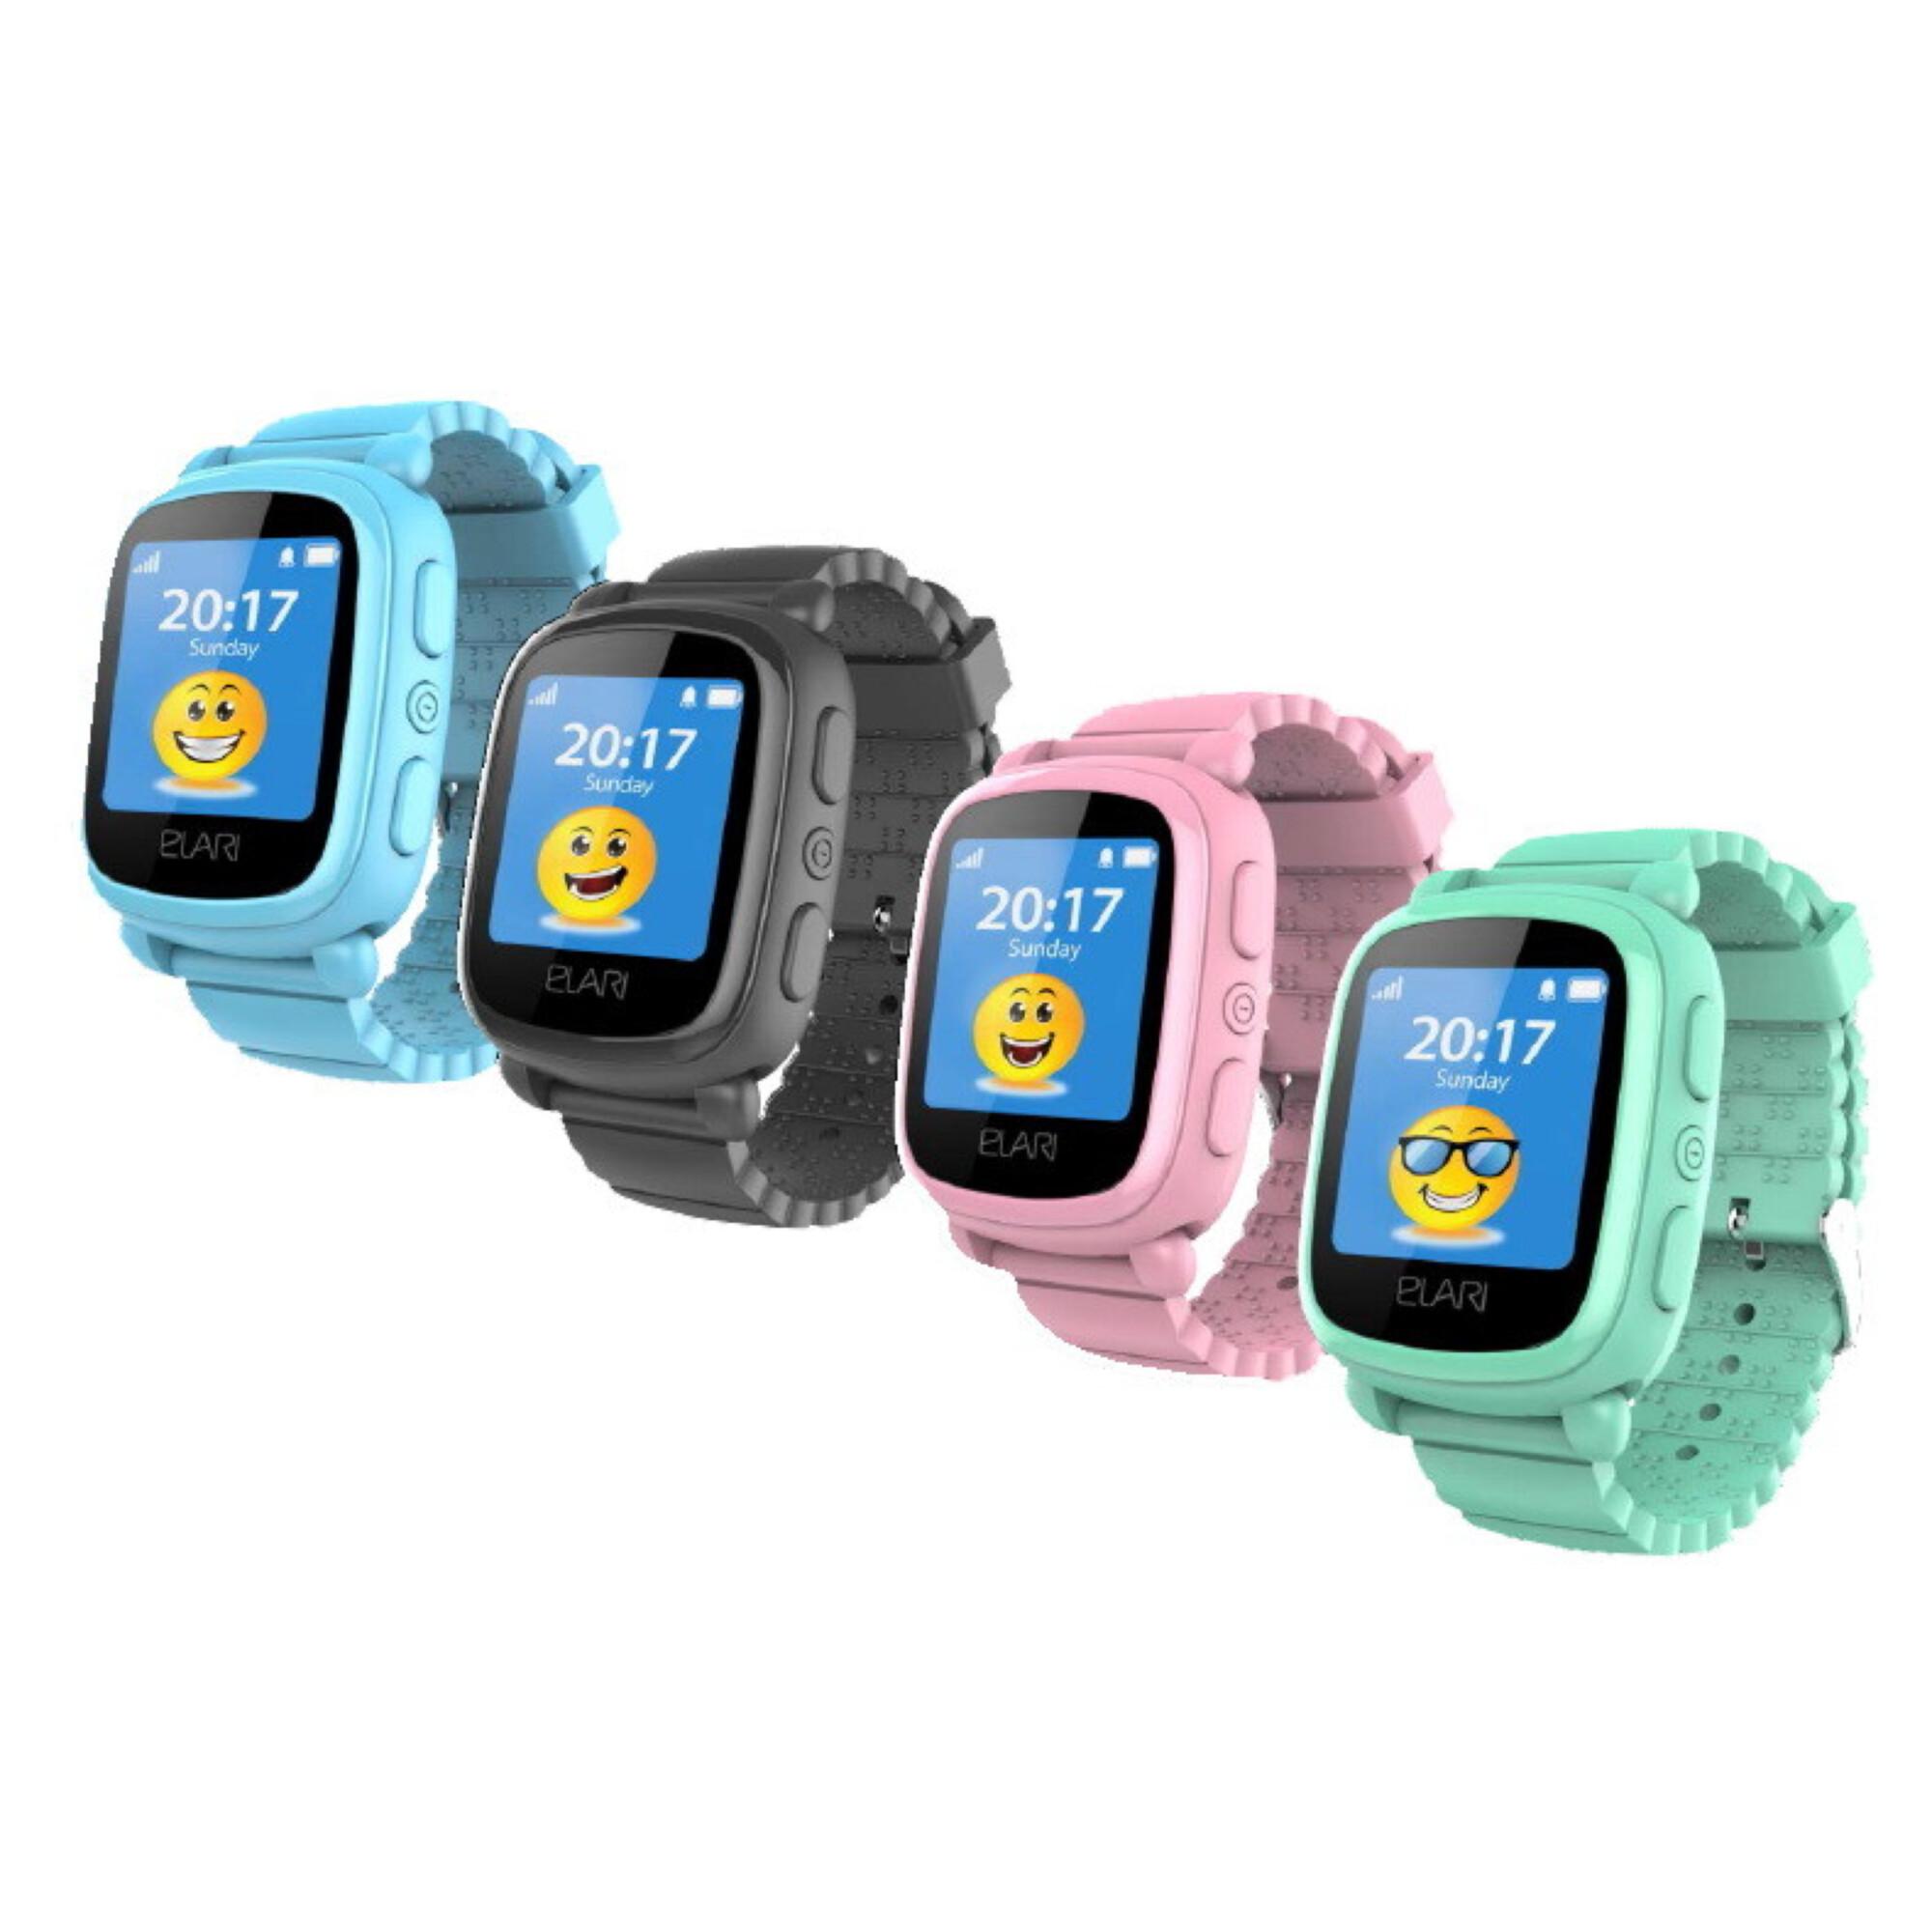 Смарт-часы Elari KidPhone 2 Pink GPS (KP-2P) - купить в Киеве ☛ цены на  Allo.ua   Харьков, Днепр, Одесса и вся Украина cf712e29978